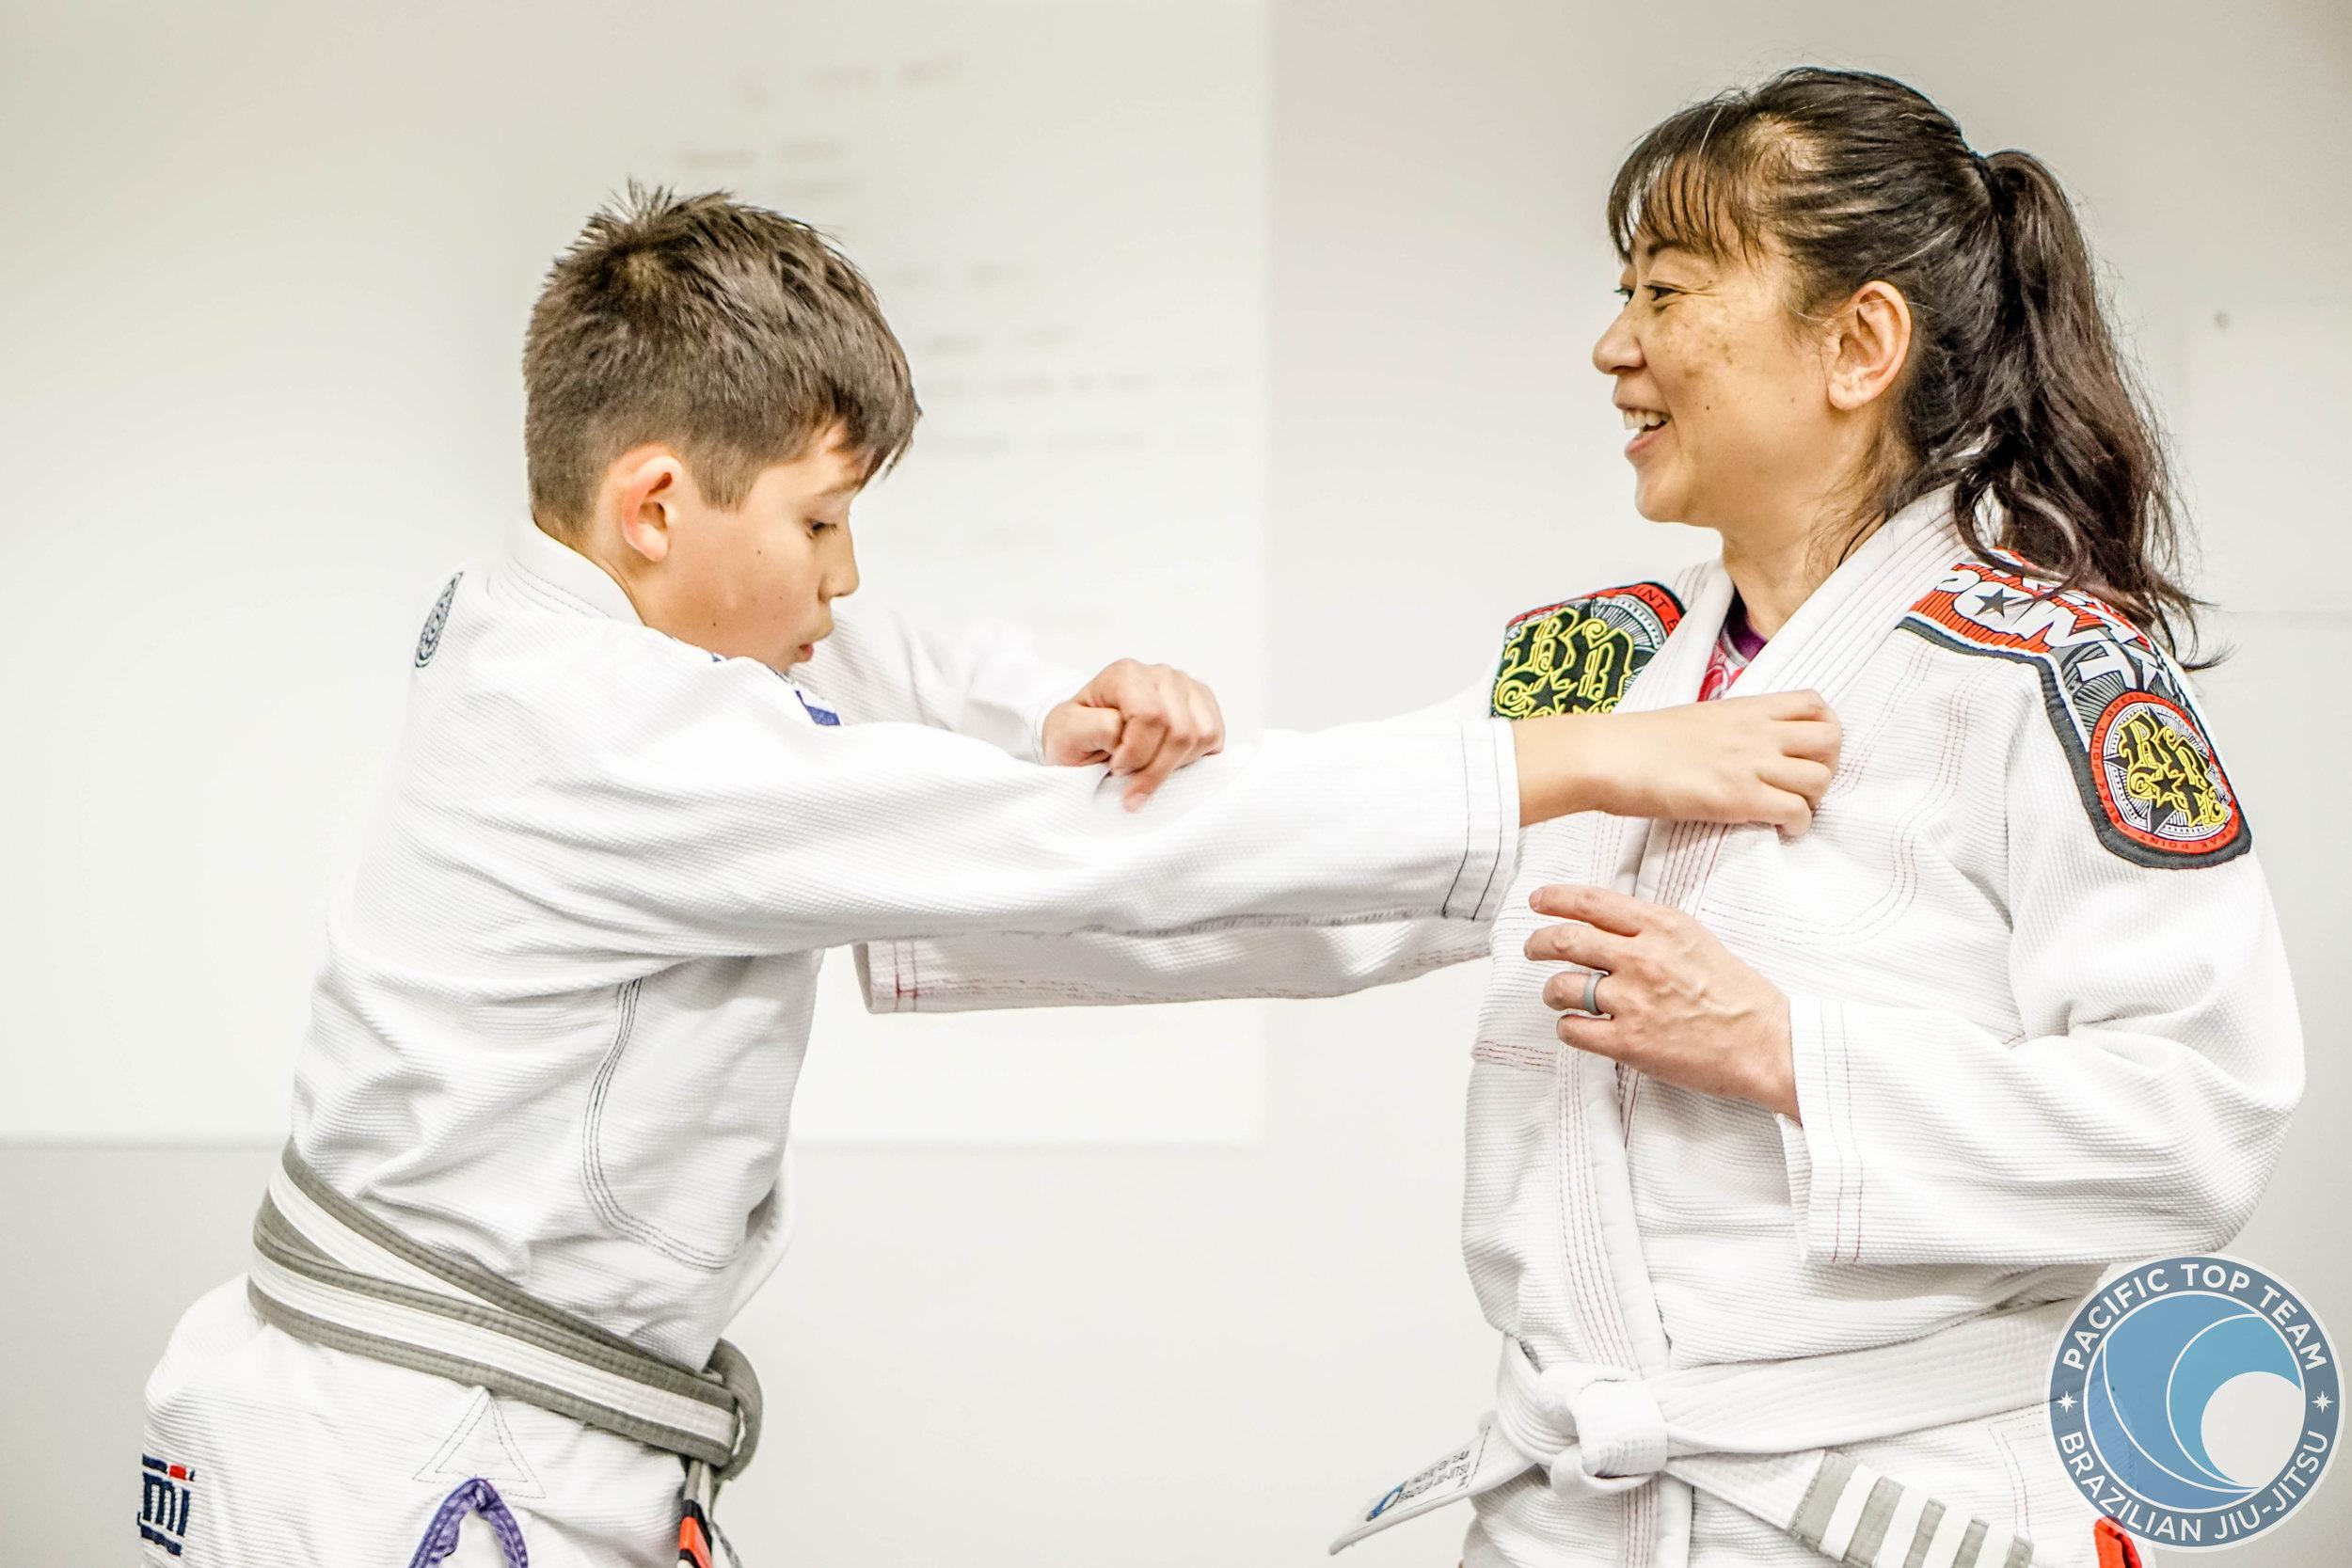 KIDS AN PARENTS JIU JITSU CLASS